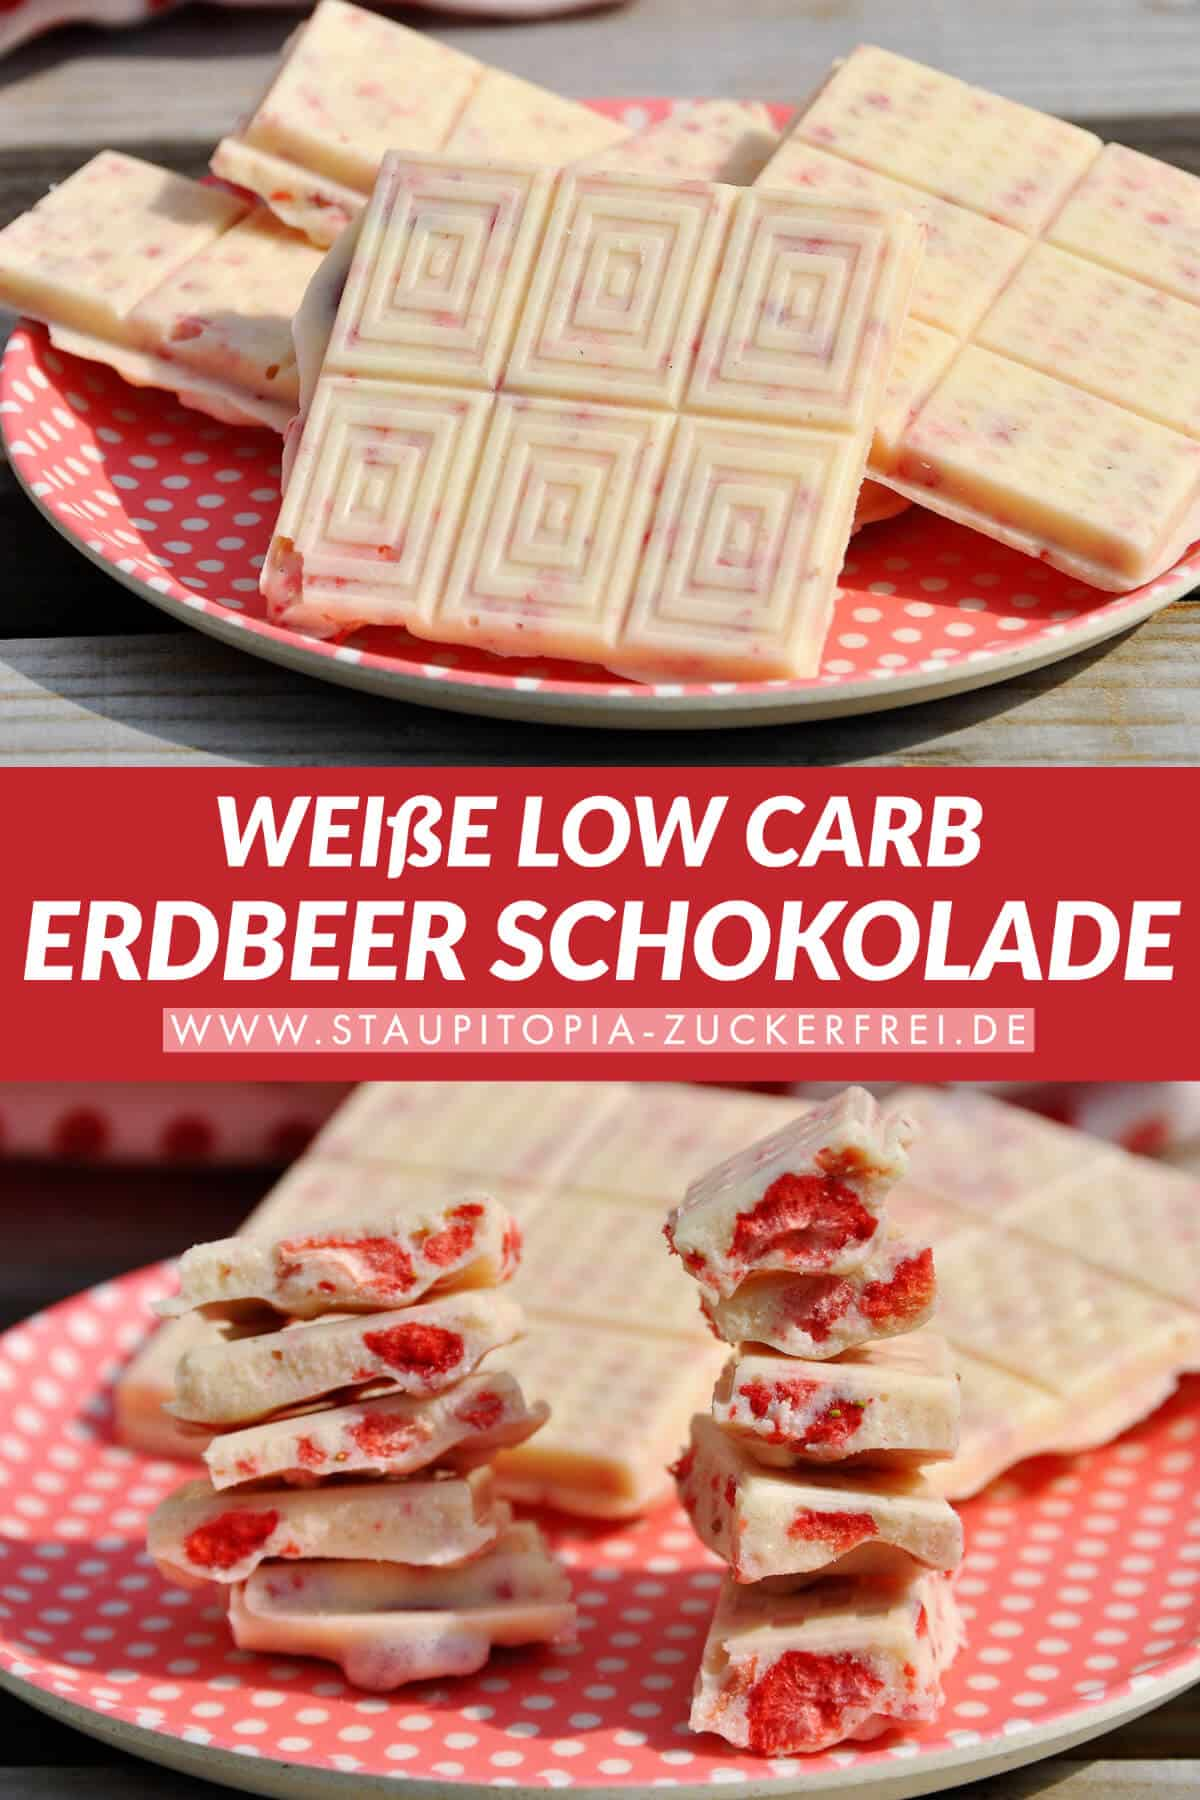 Weisse Schokolade ohne Zucker mit Erdbeeren schnell selber machen.